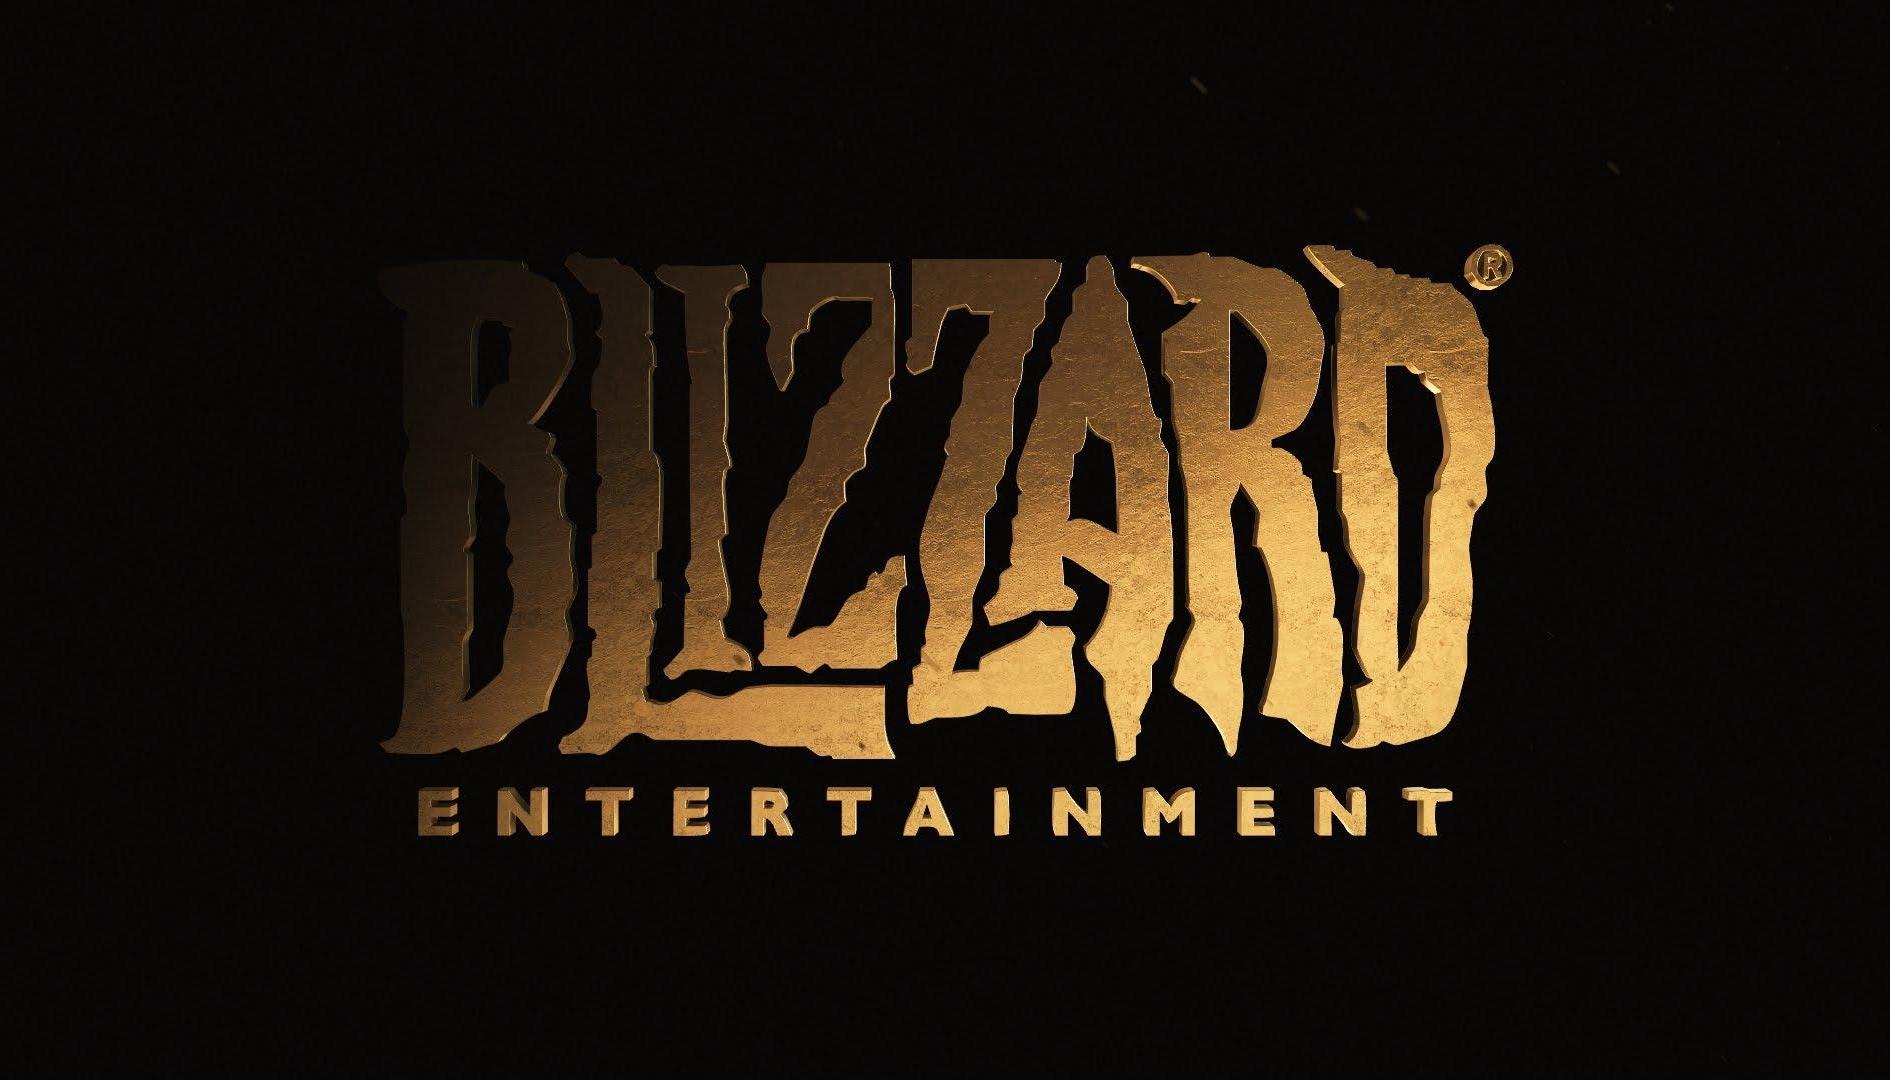 Blizzard, utenti vengono bannati dal forum ufficiale per 1000 anni